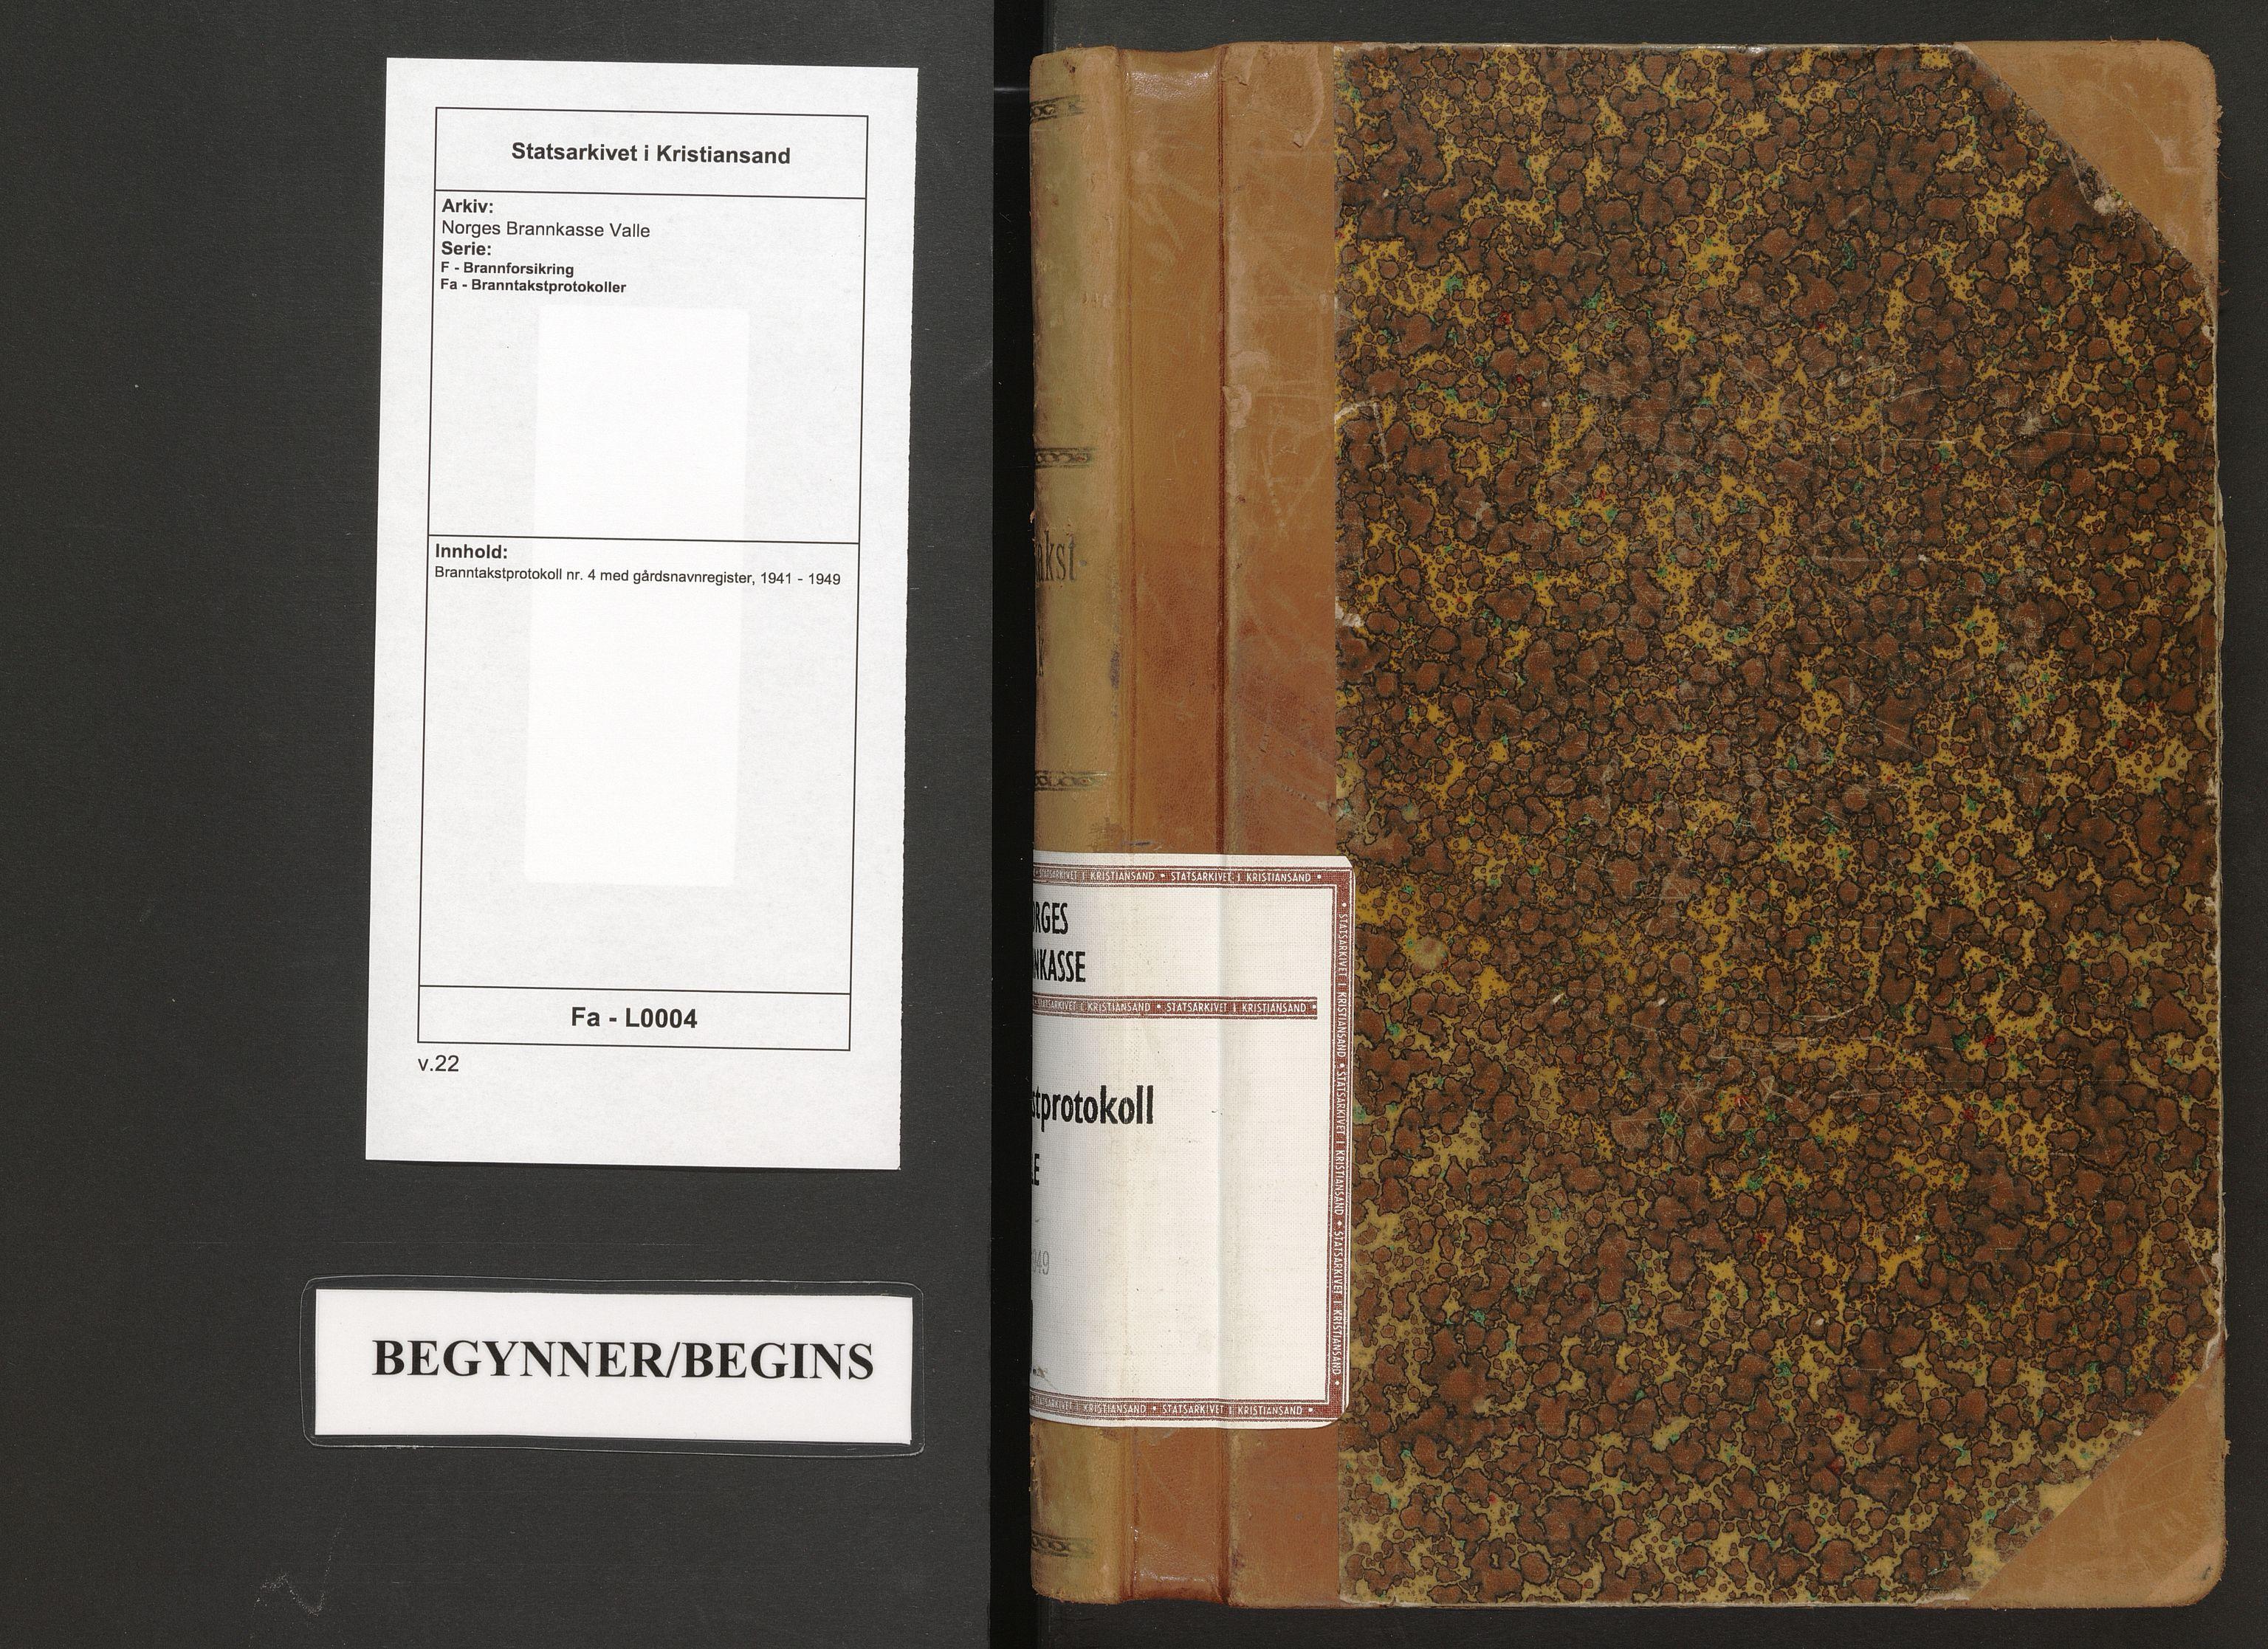 SAK, Norges Brannkasse Valle, F/Fa/L0004: Branntakstprotokoll nr. 4 med gårdsnavnregister, 1941-1949